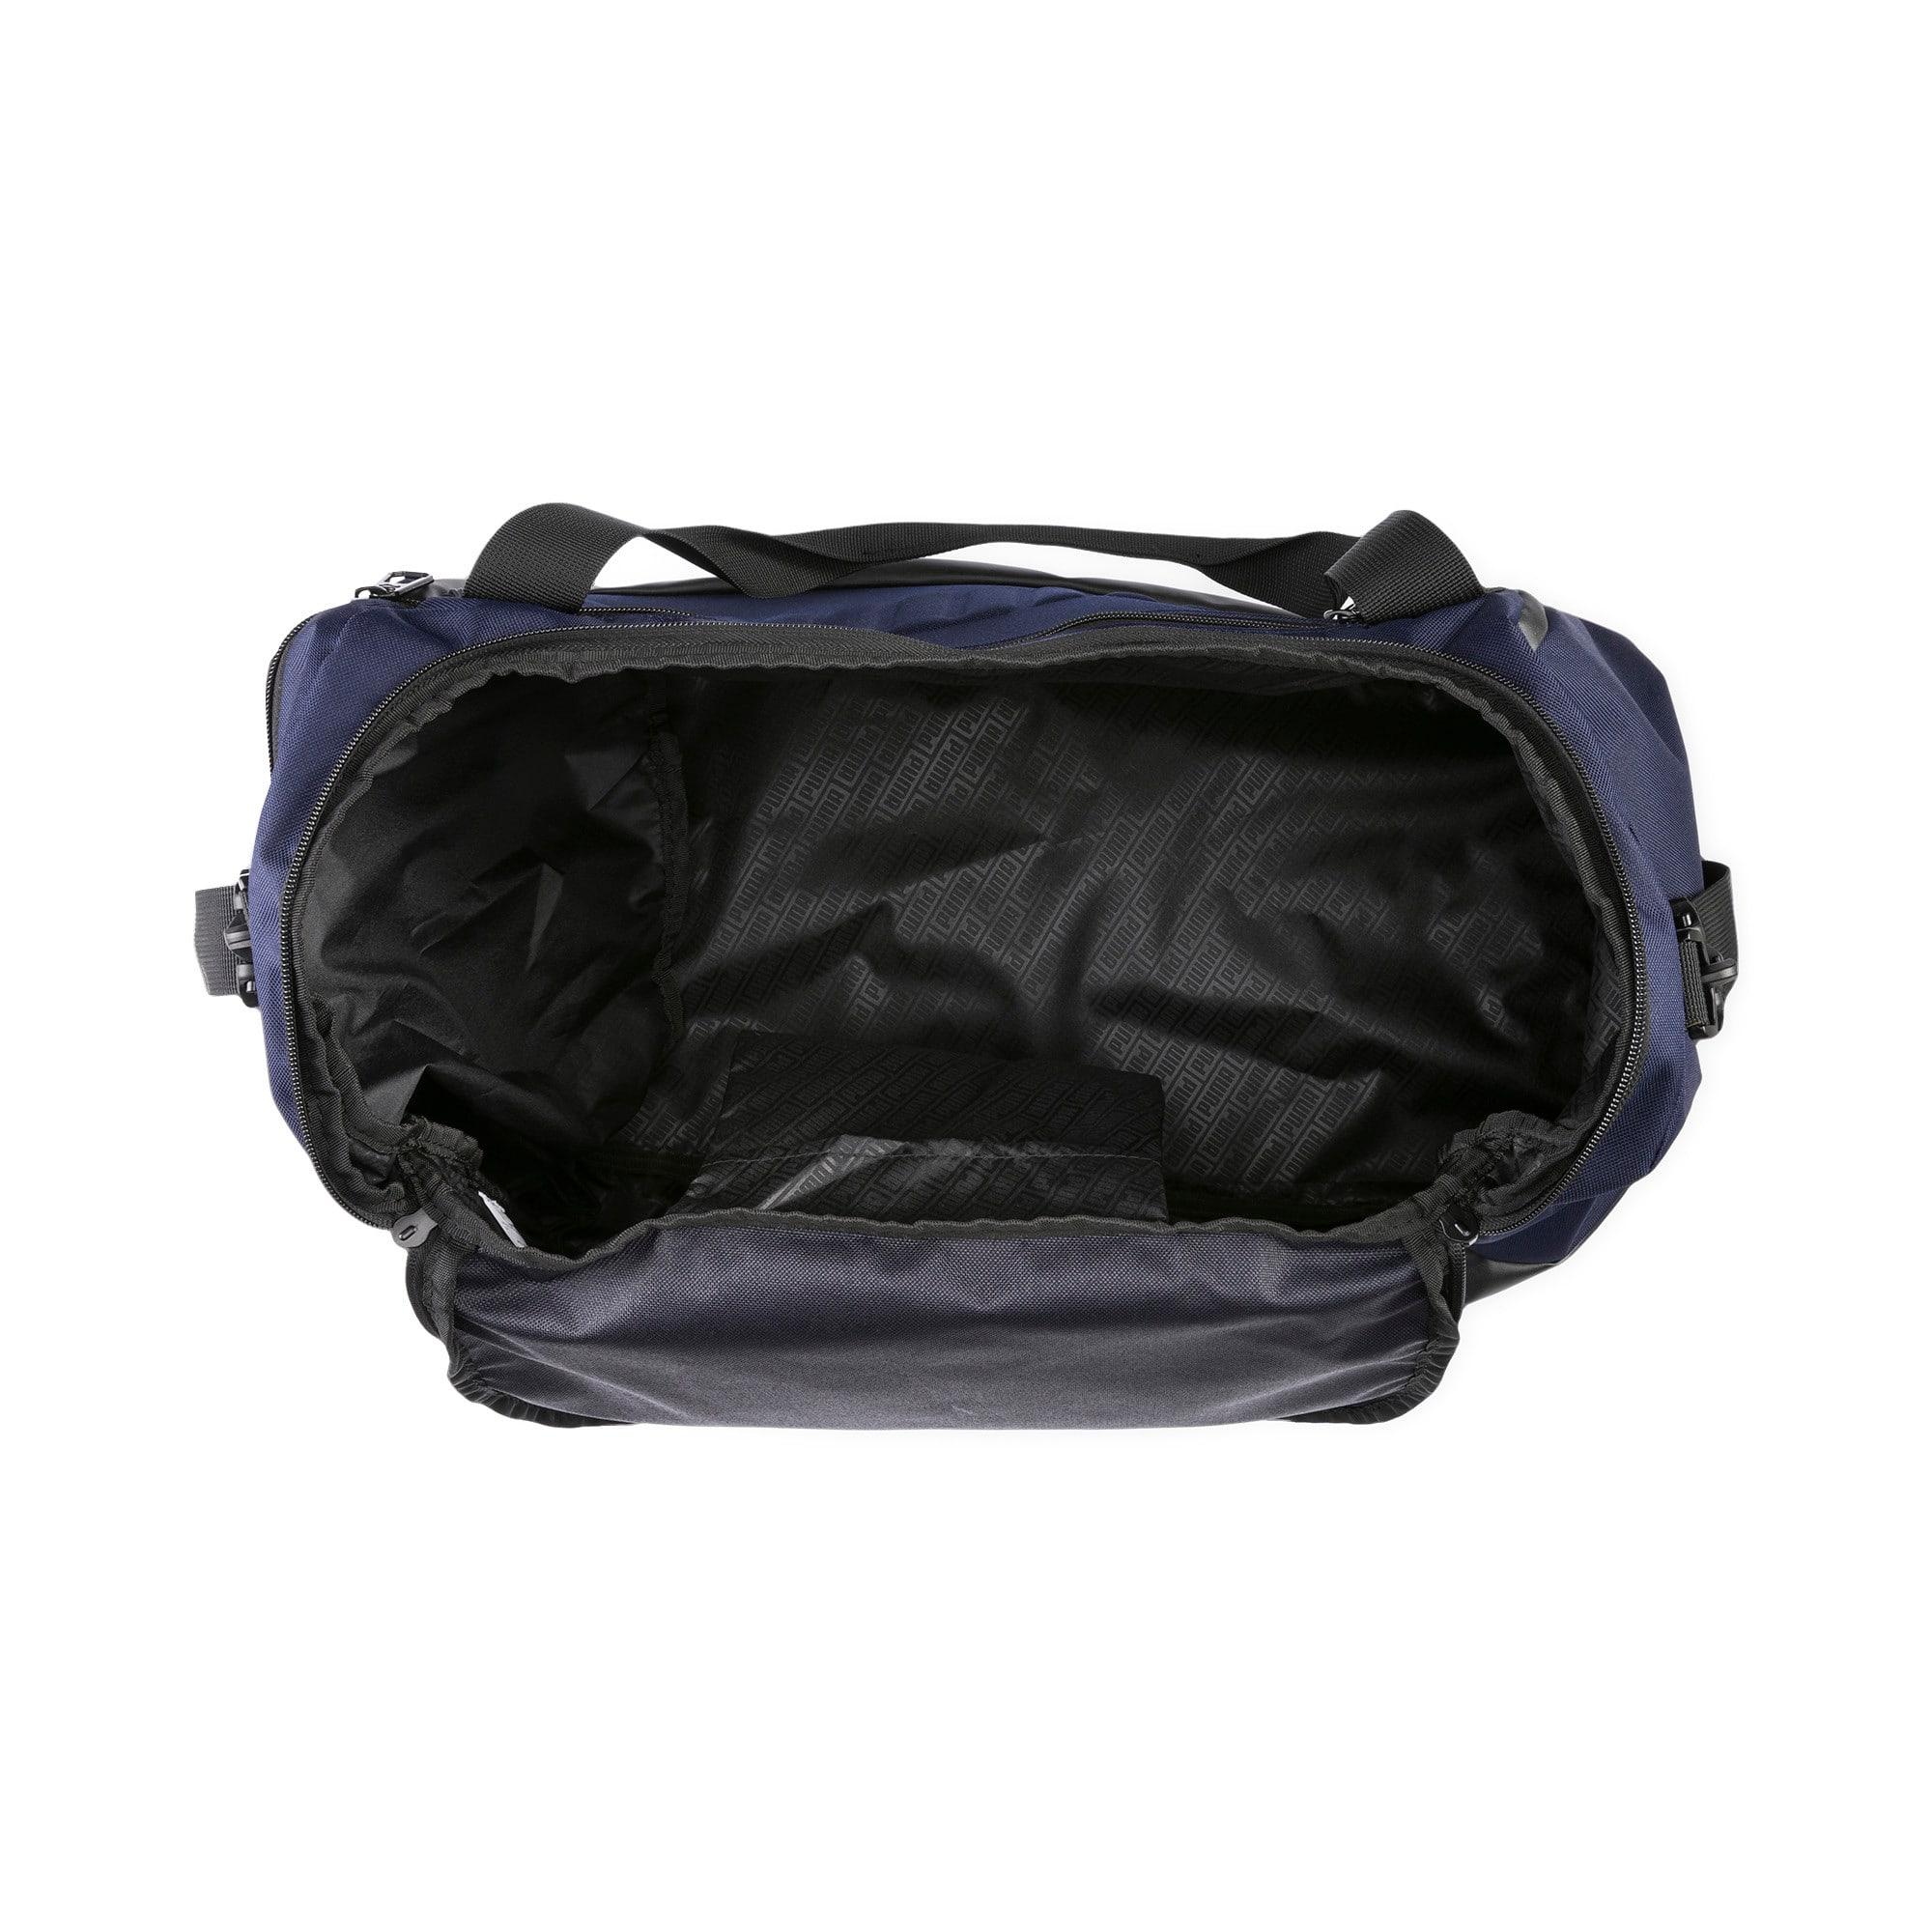 Thumbnail 3 of GYM Medium Duffle Bag, Peacoat, medium